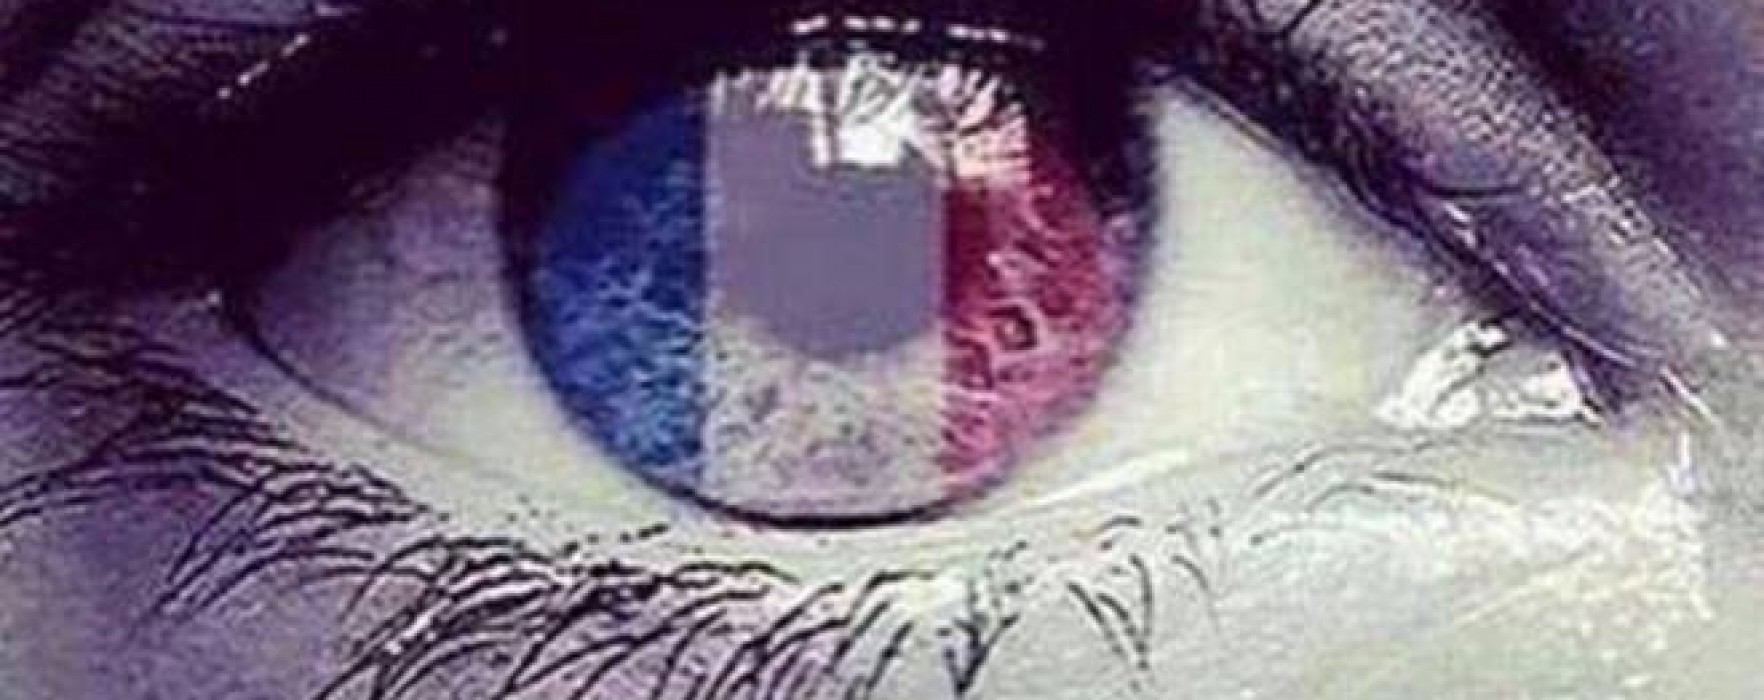 Attentati di Parigi. Quando tutti sottovalutavamo il pericolo.